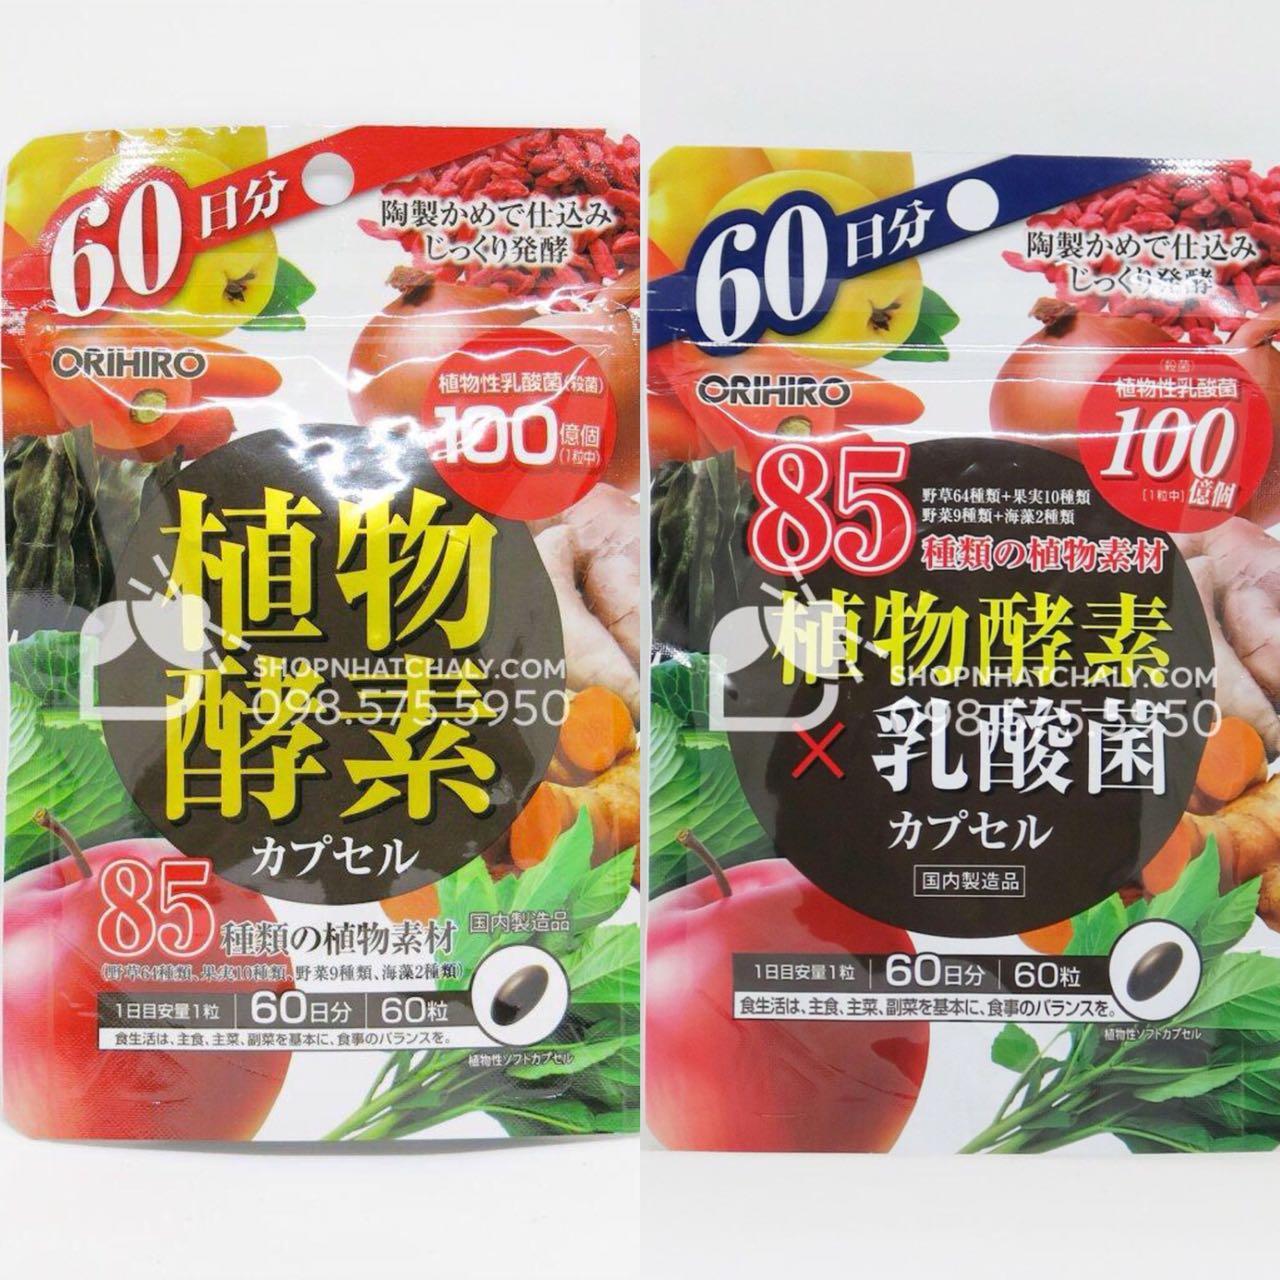 Viên rau củ quả của Nhật Enzyme Orihiro có thành phần chiết xuất từ tận 85 loại thực vật khác nhau rất bổ cho sức khoẻ. Enzyme Nhật Bản vừa ra mẫu mới 2019 (bên phải) đã cập nhật trên kệ Chaly